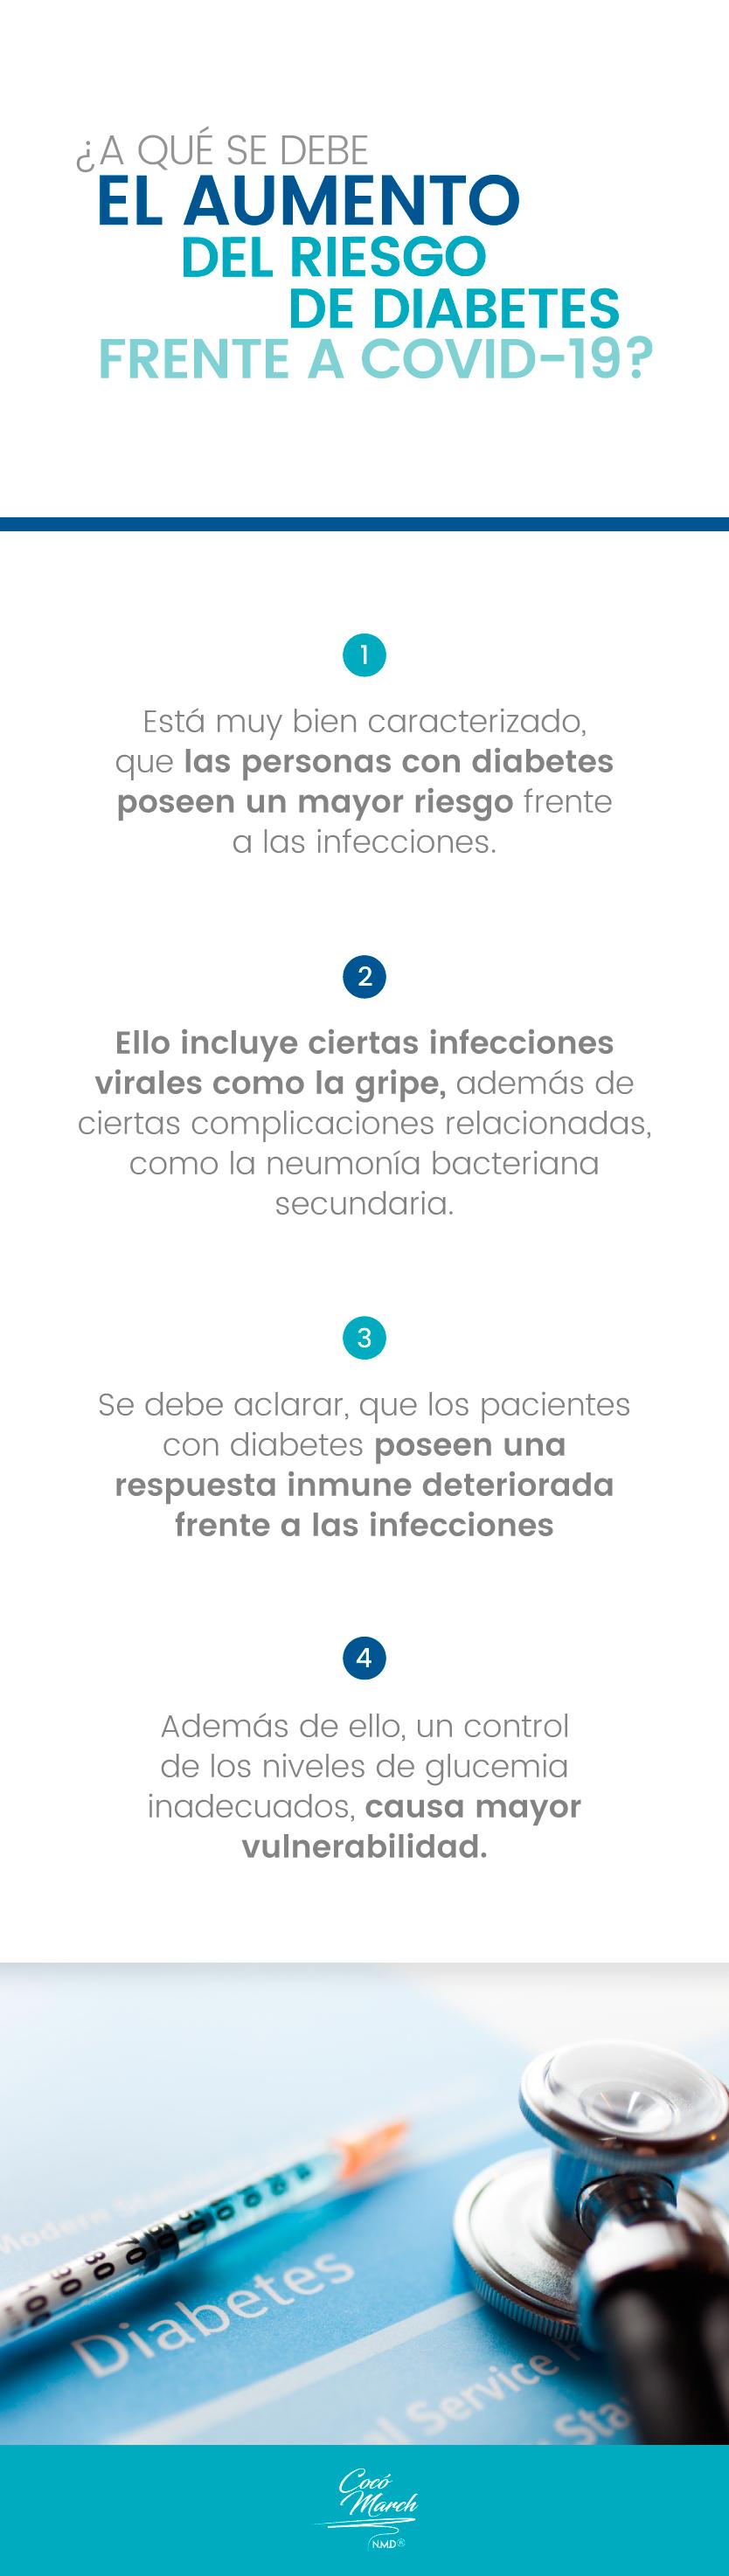 riesgo-de-diabetes-por-covid-19